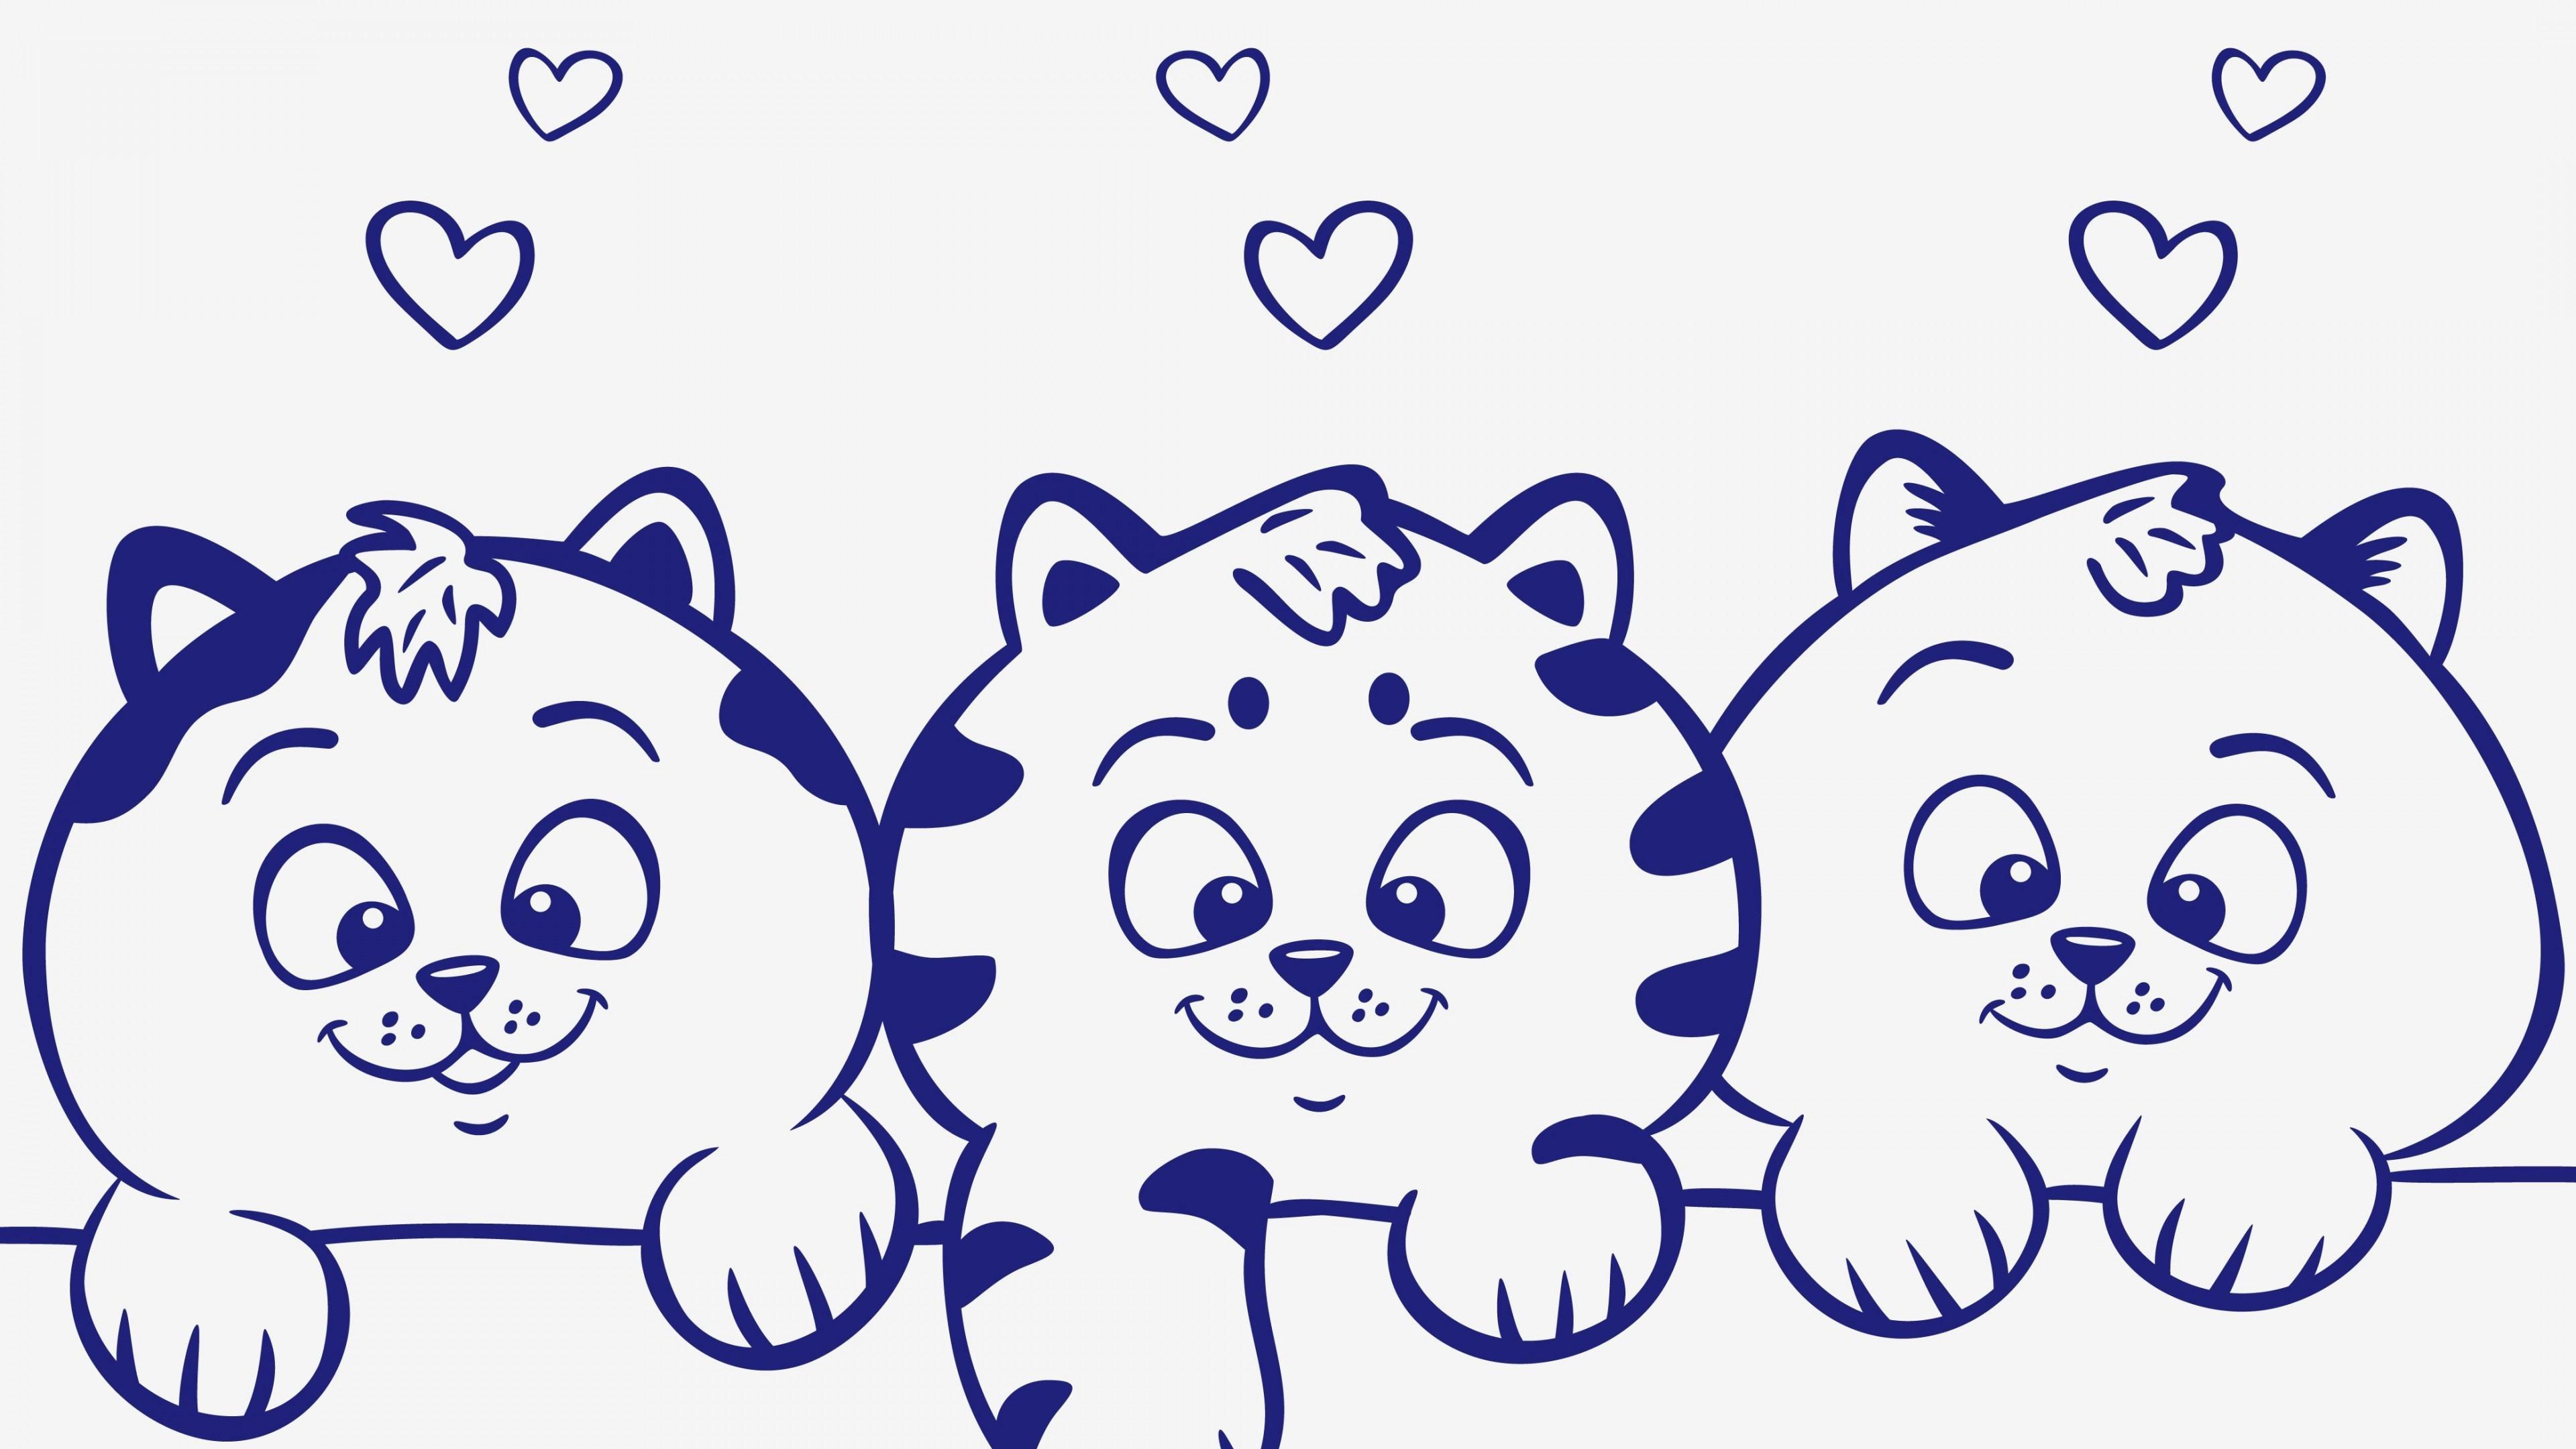 Рисунок милых улыбающихся котят с пушистыми лапками и влюбленными сердечками